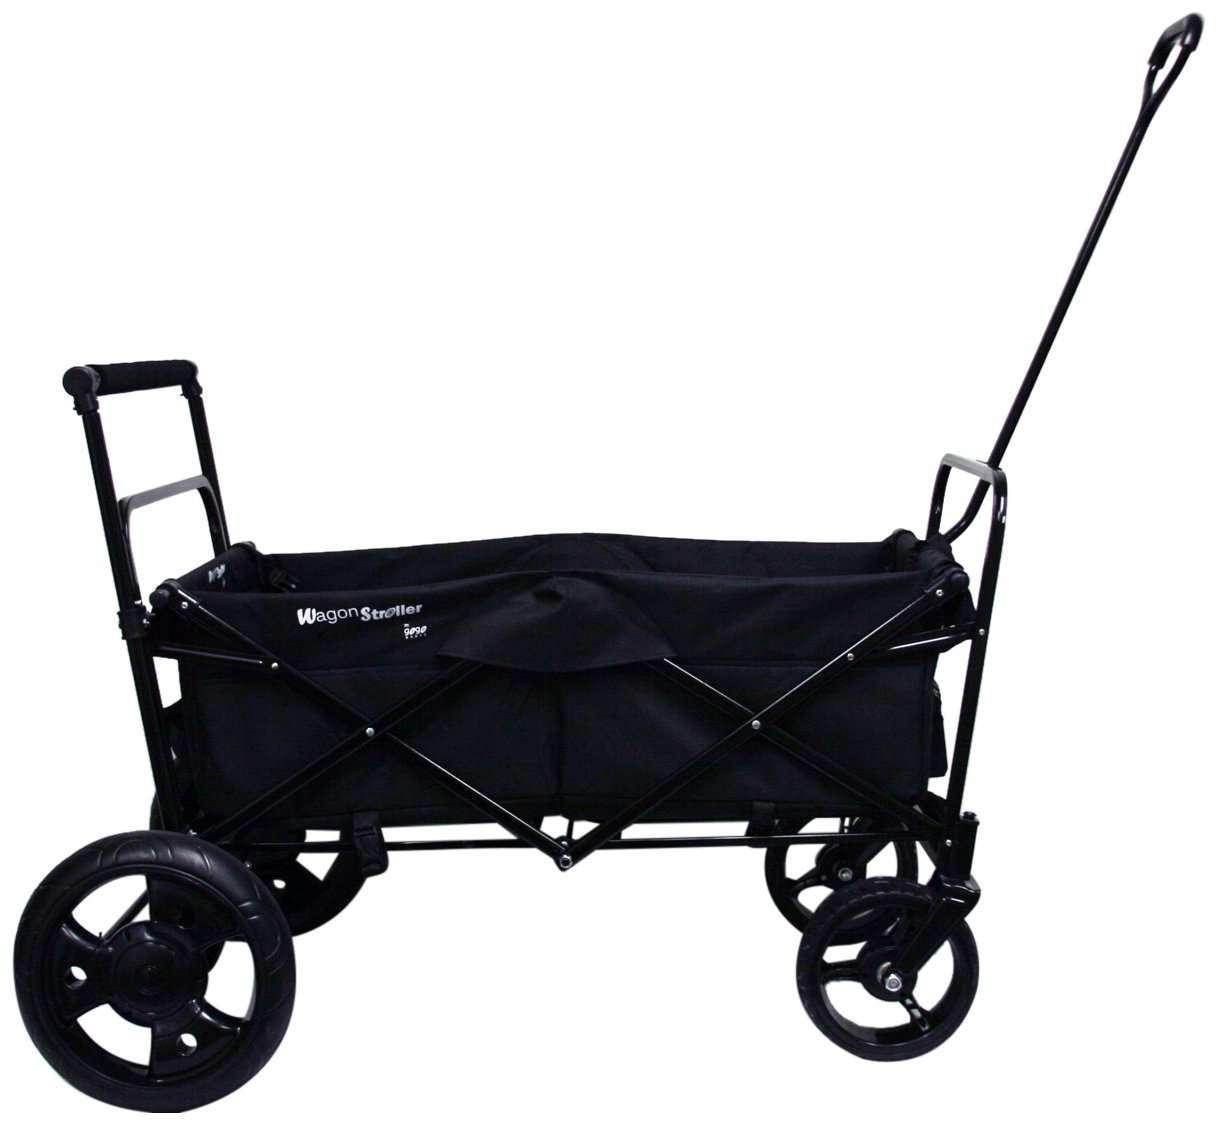 Carrito transportador para bebe transportar carro vbf for Carros para transportar